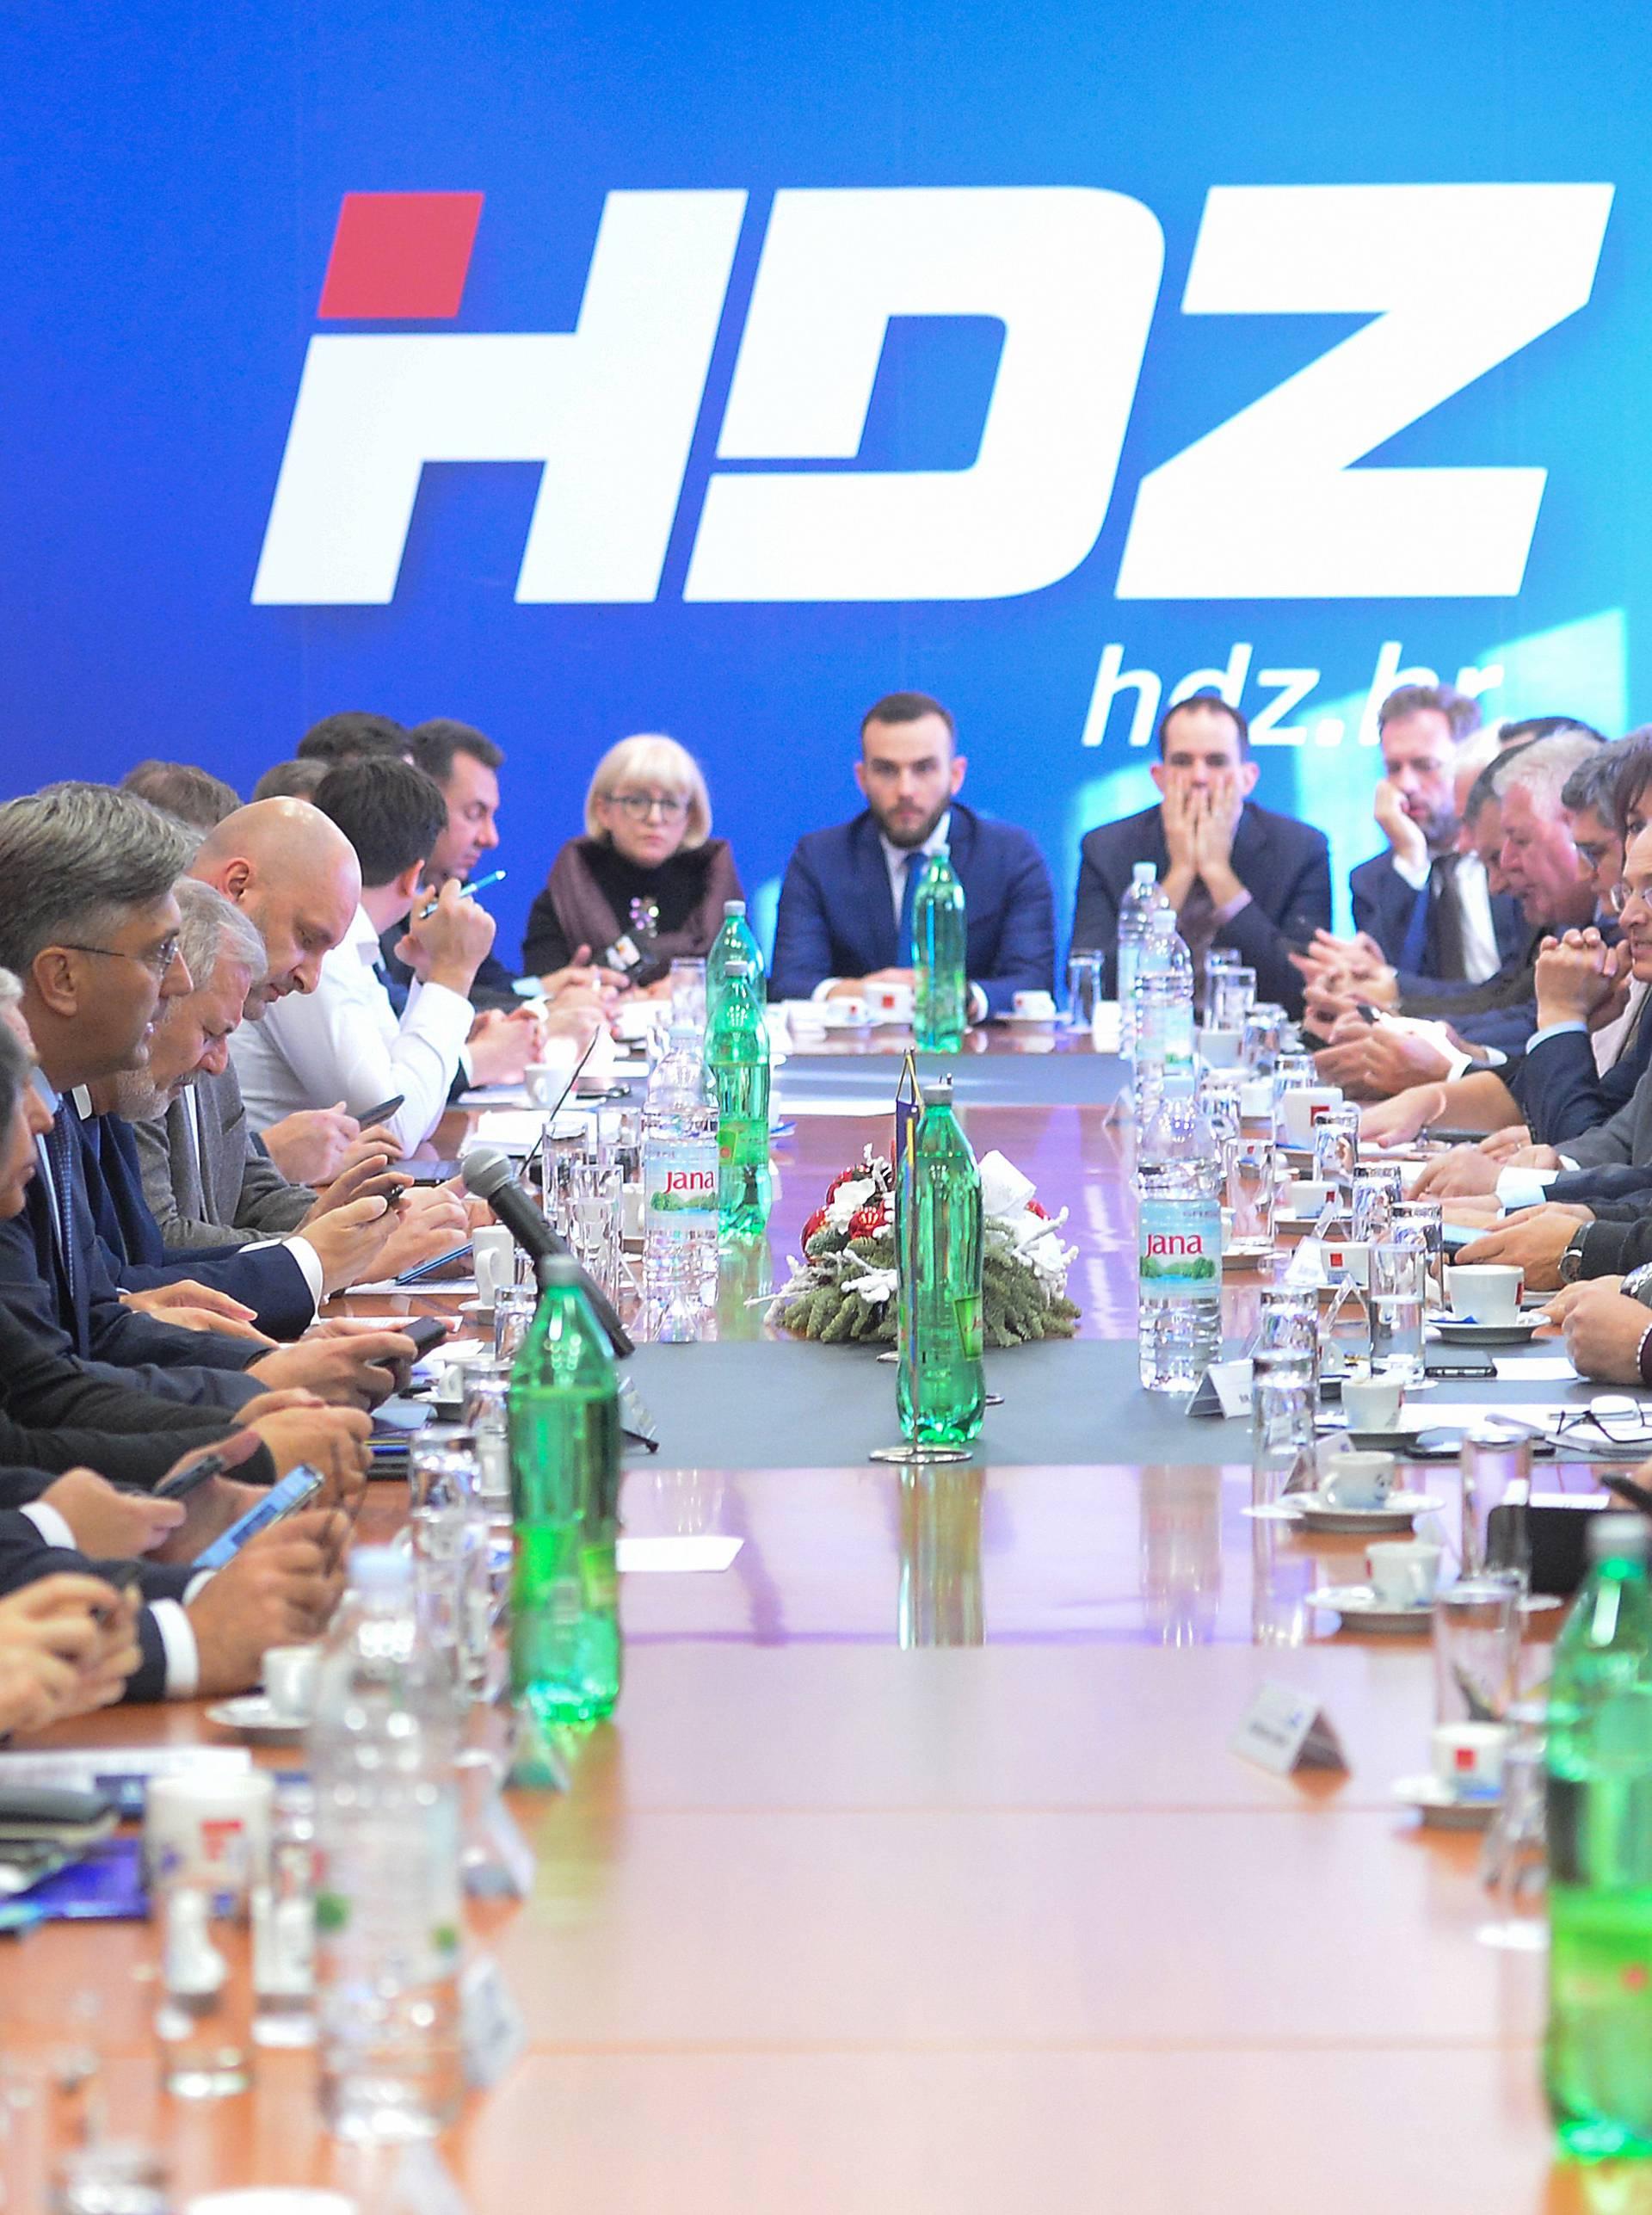 Napeto u HDZ-u: Nismo trebali u kampanji ići ekstremno desno